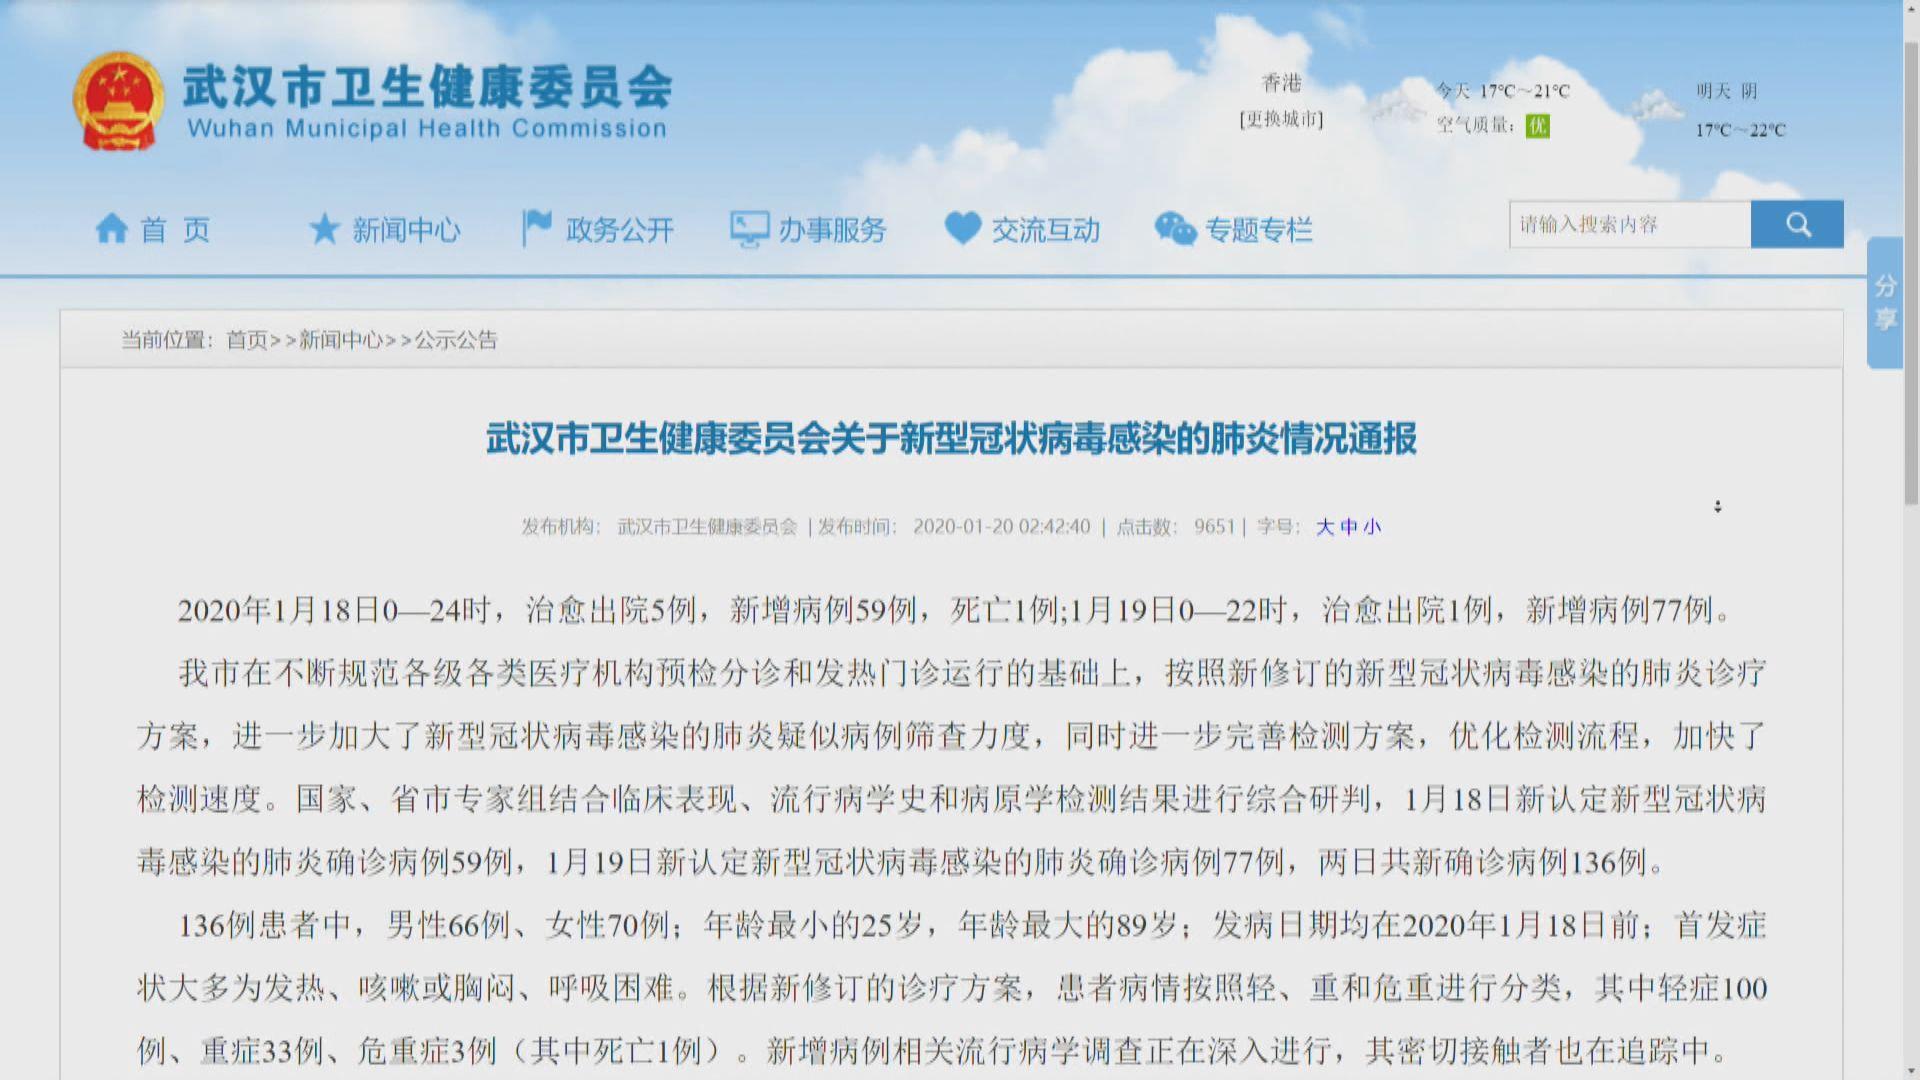 北京深圳三人確診新型病毒 武漢新增136宗病例